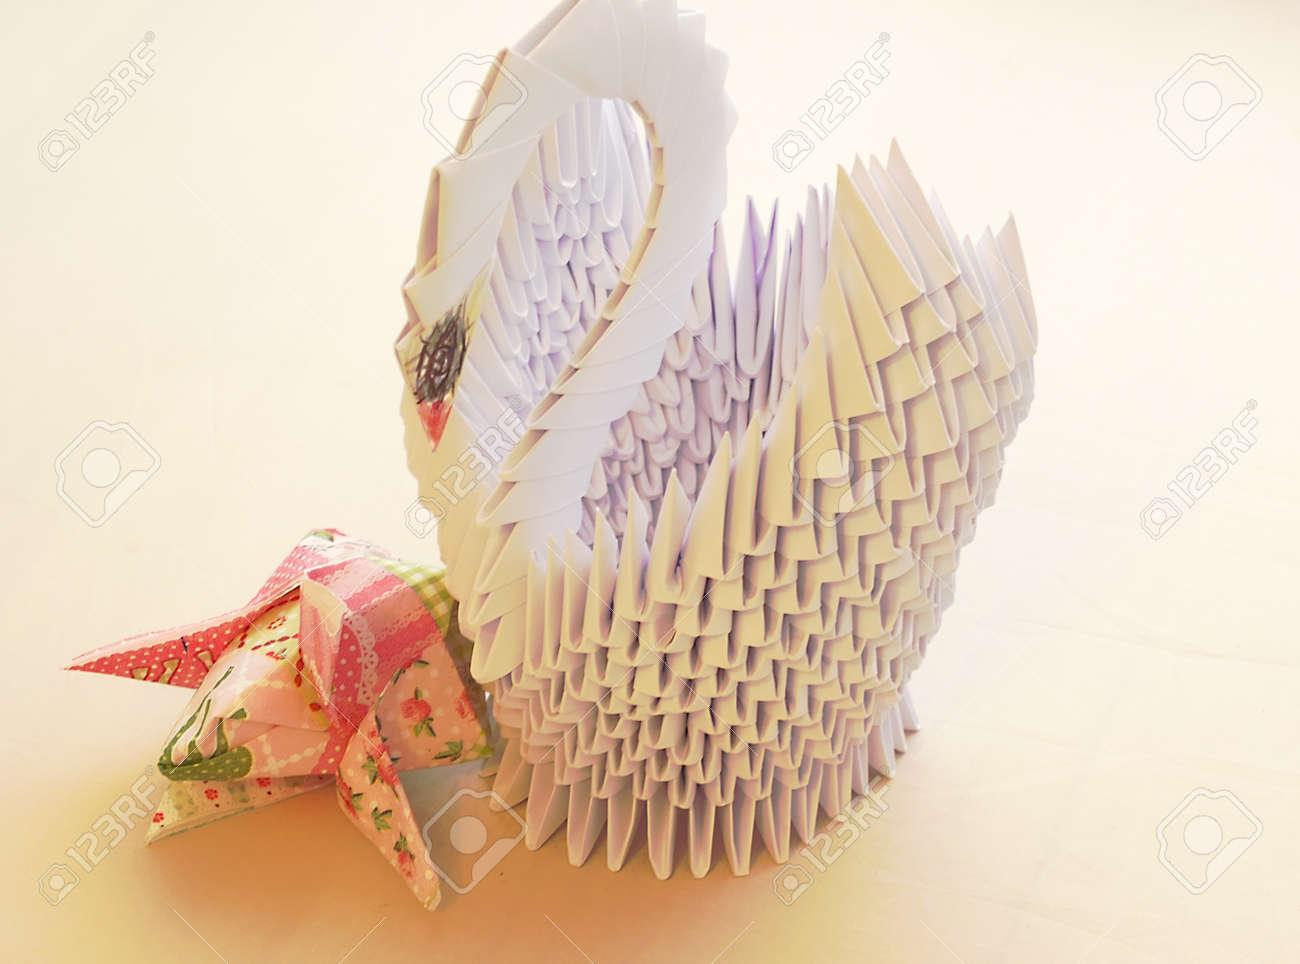 ===Con carton y papel=== 63288060-cisne-hecho-de-papel-para-el-interior-con-servilletas-dobladas-en-forma-de-flores-de-tulip%C3%A1n